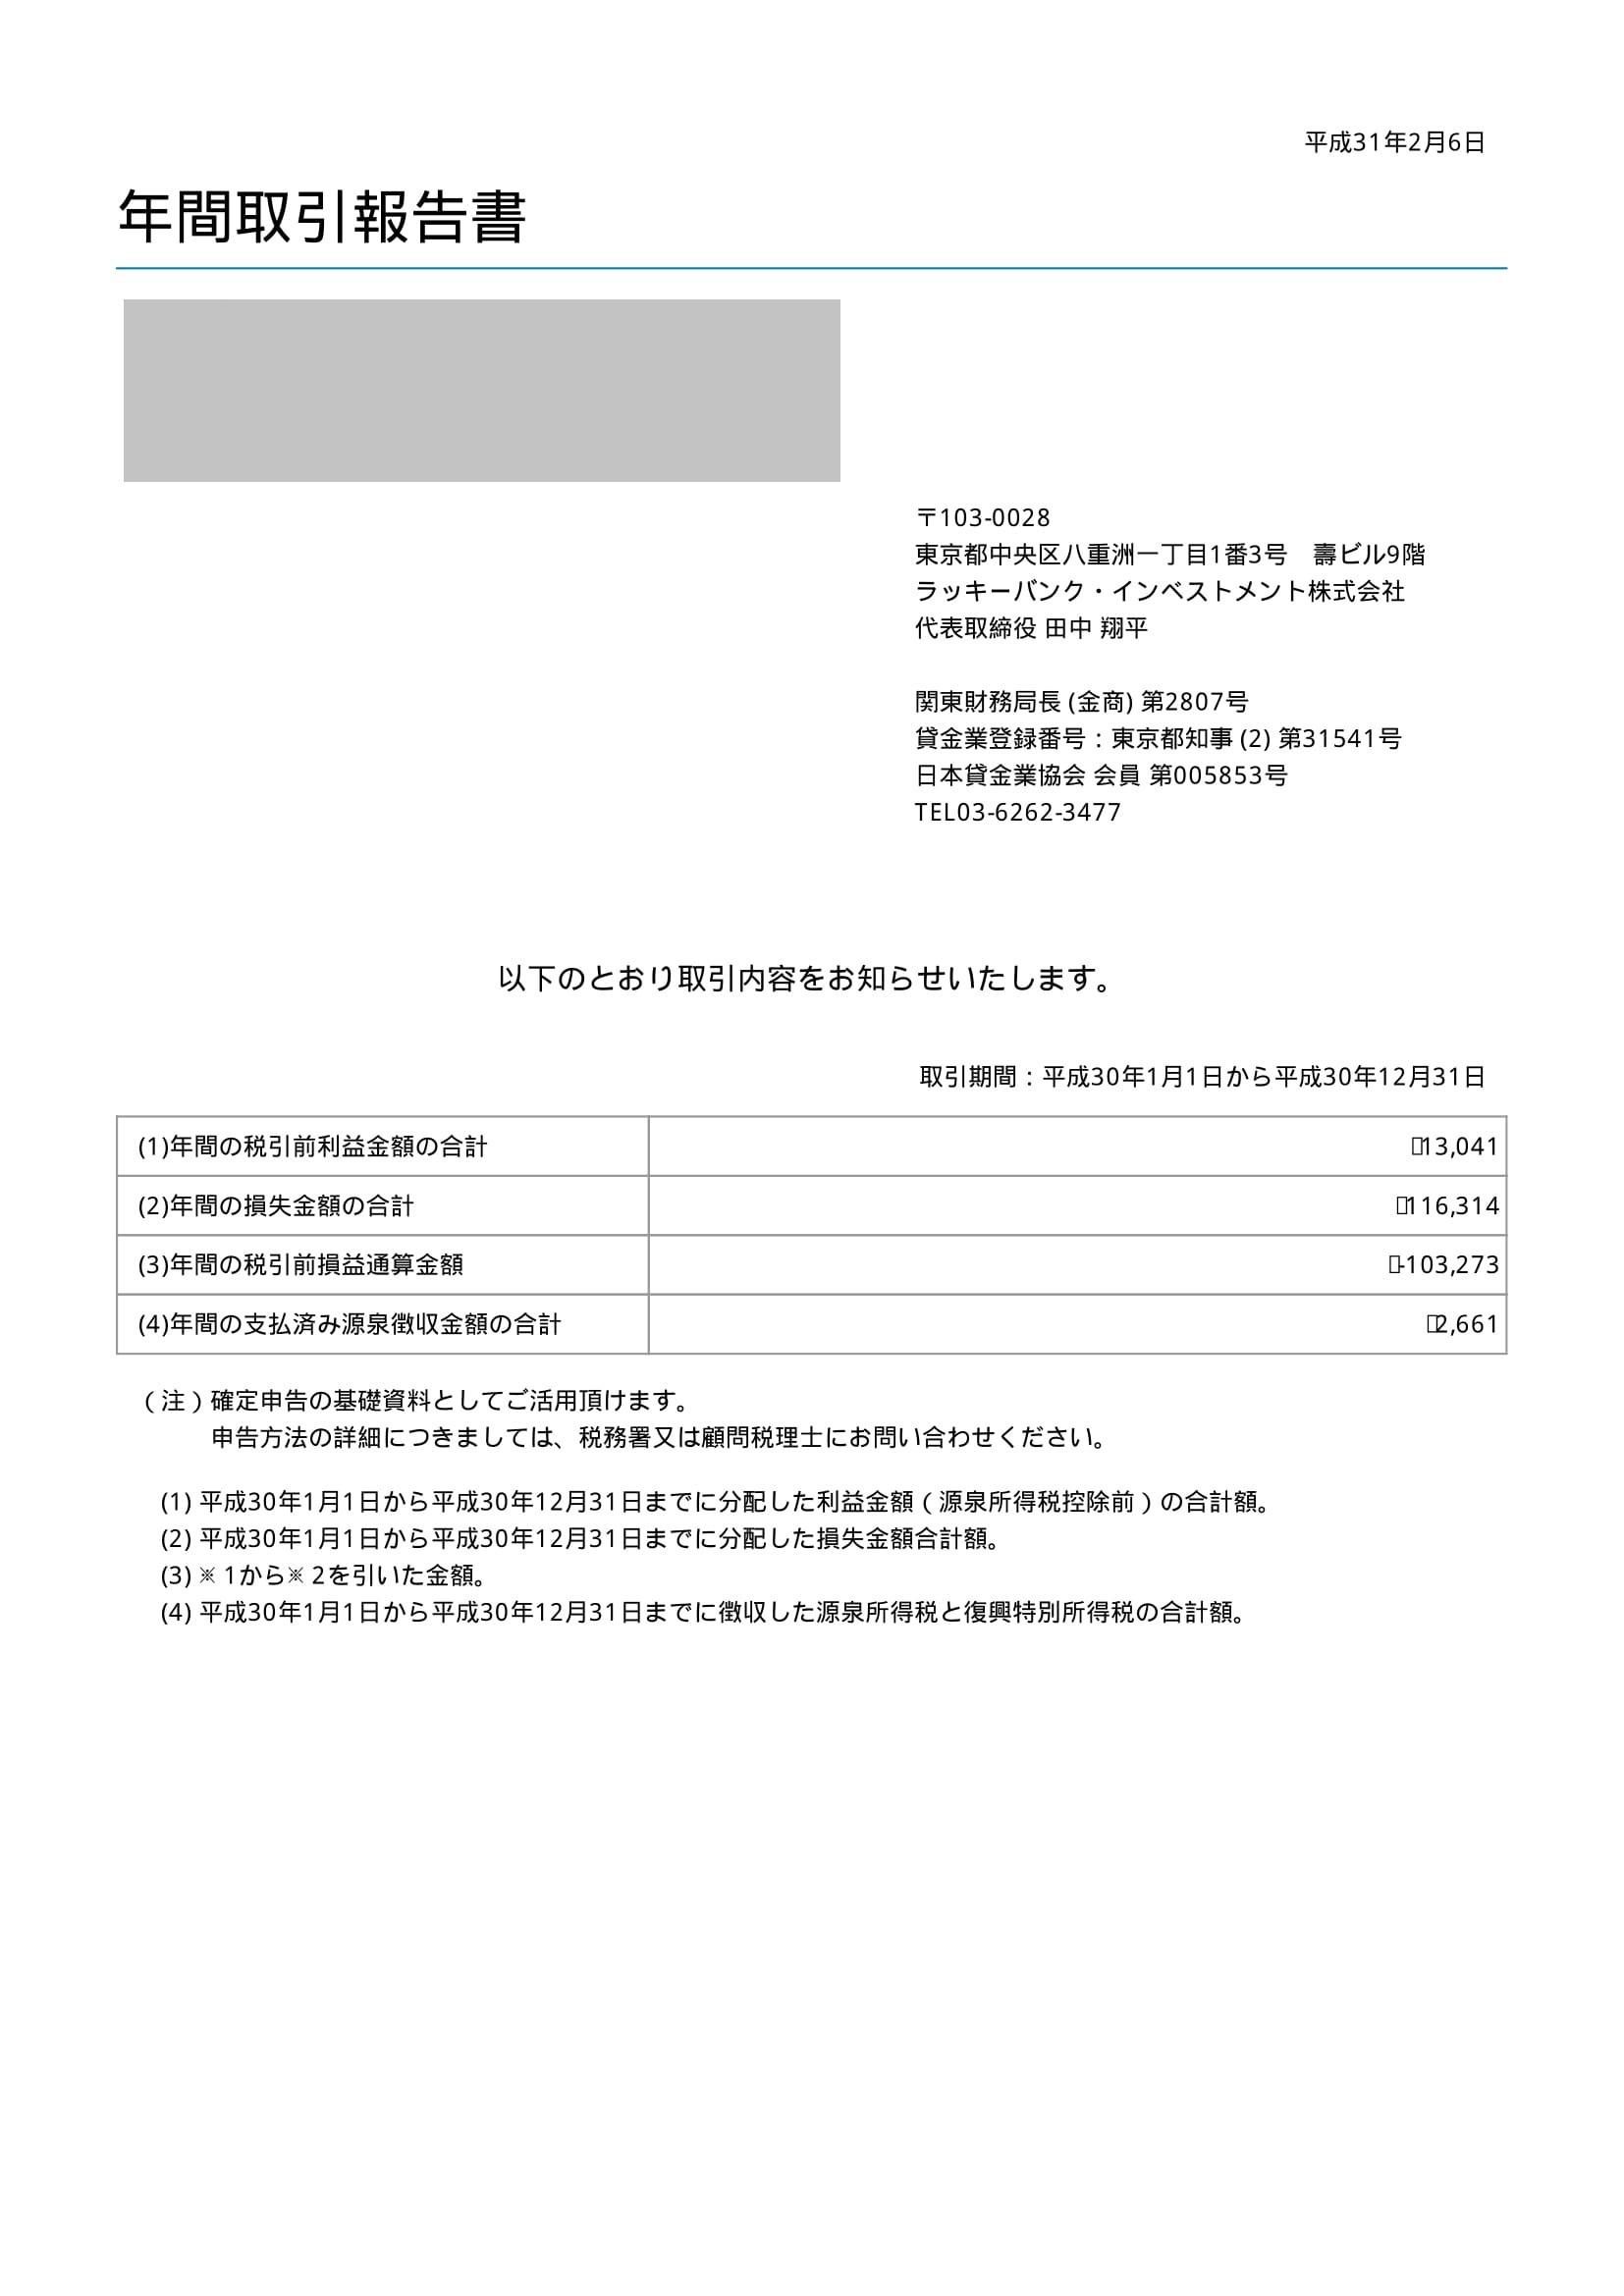 ラッキーバンク174_2018年間取引報告書-1